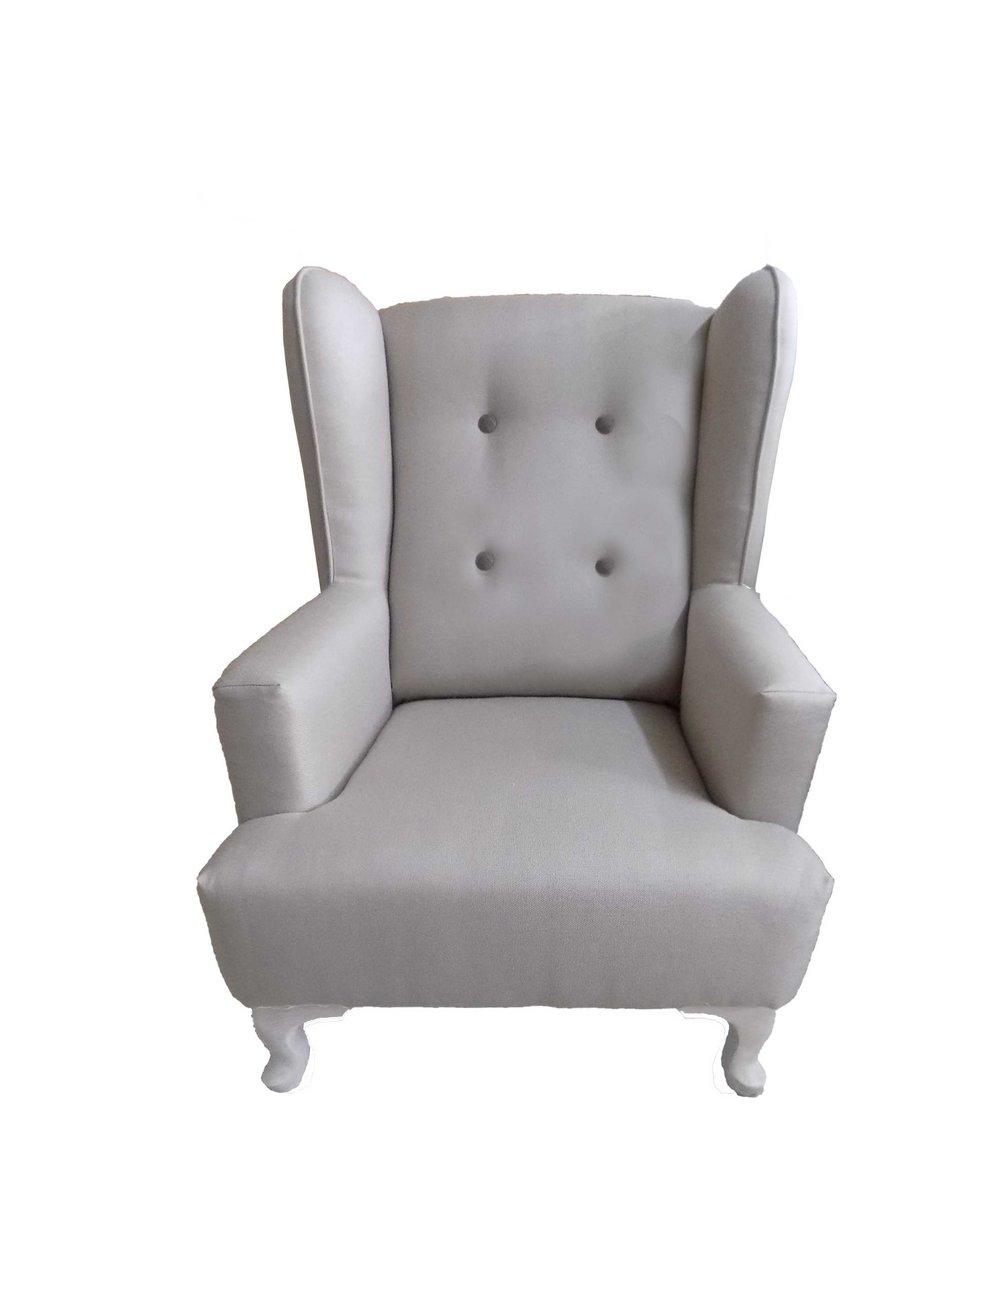 fatherchair buttoned.jpg